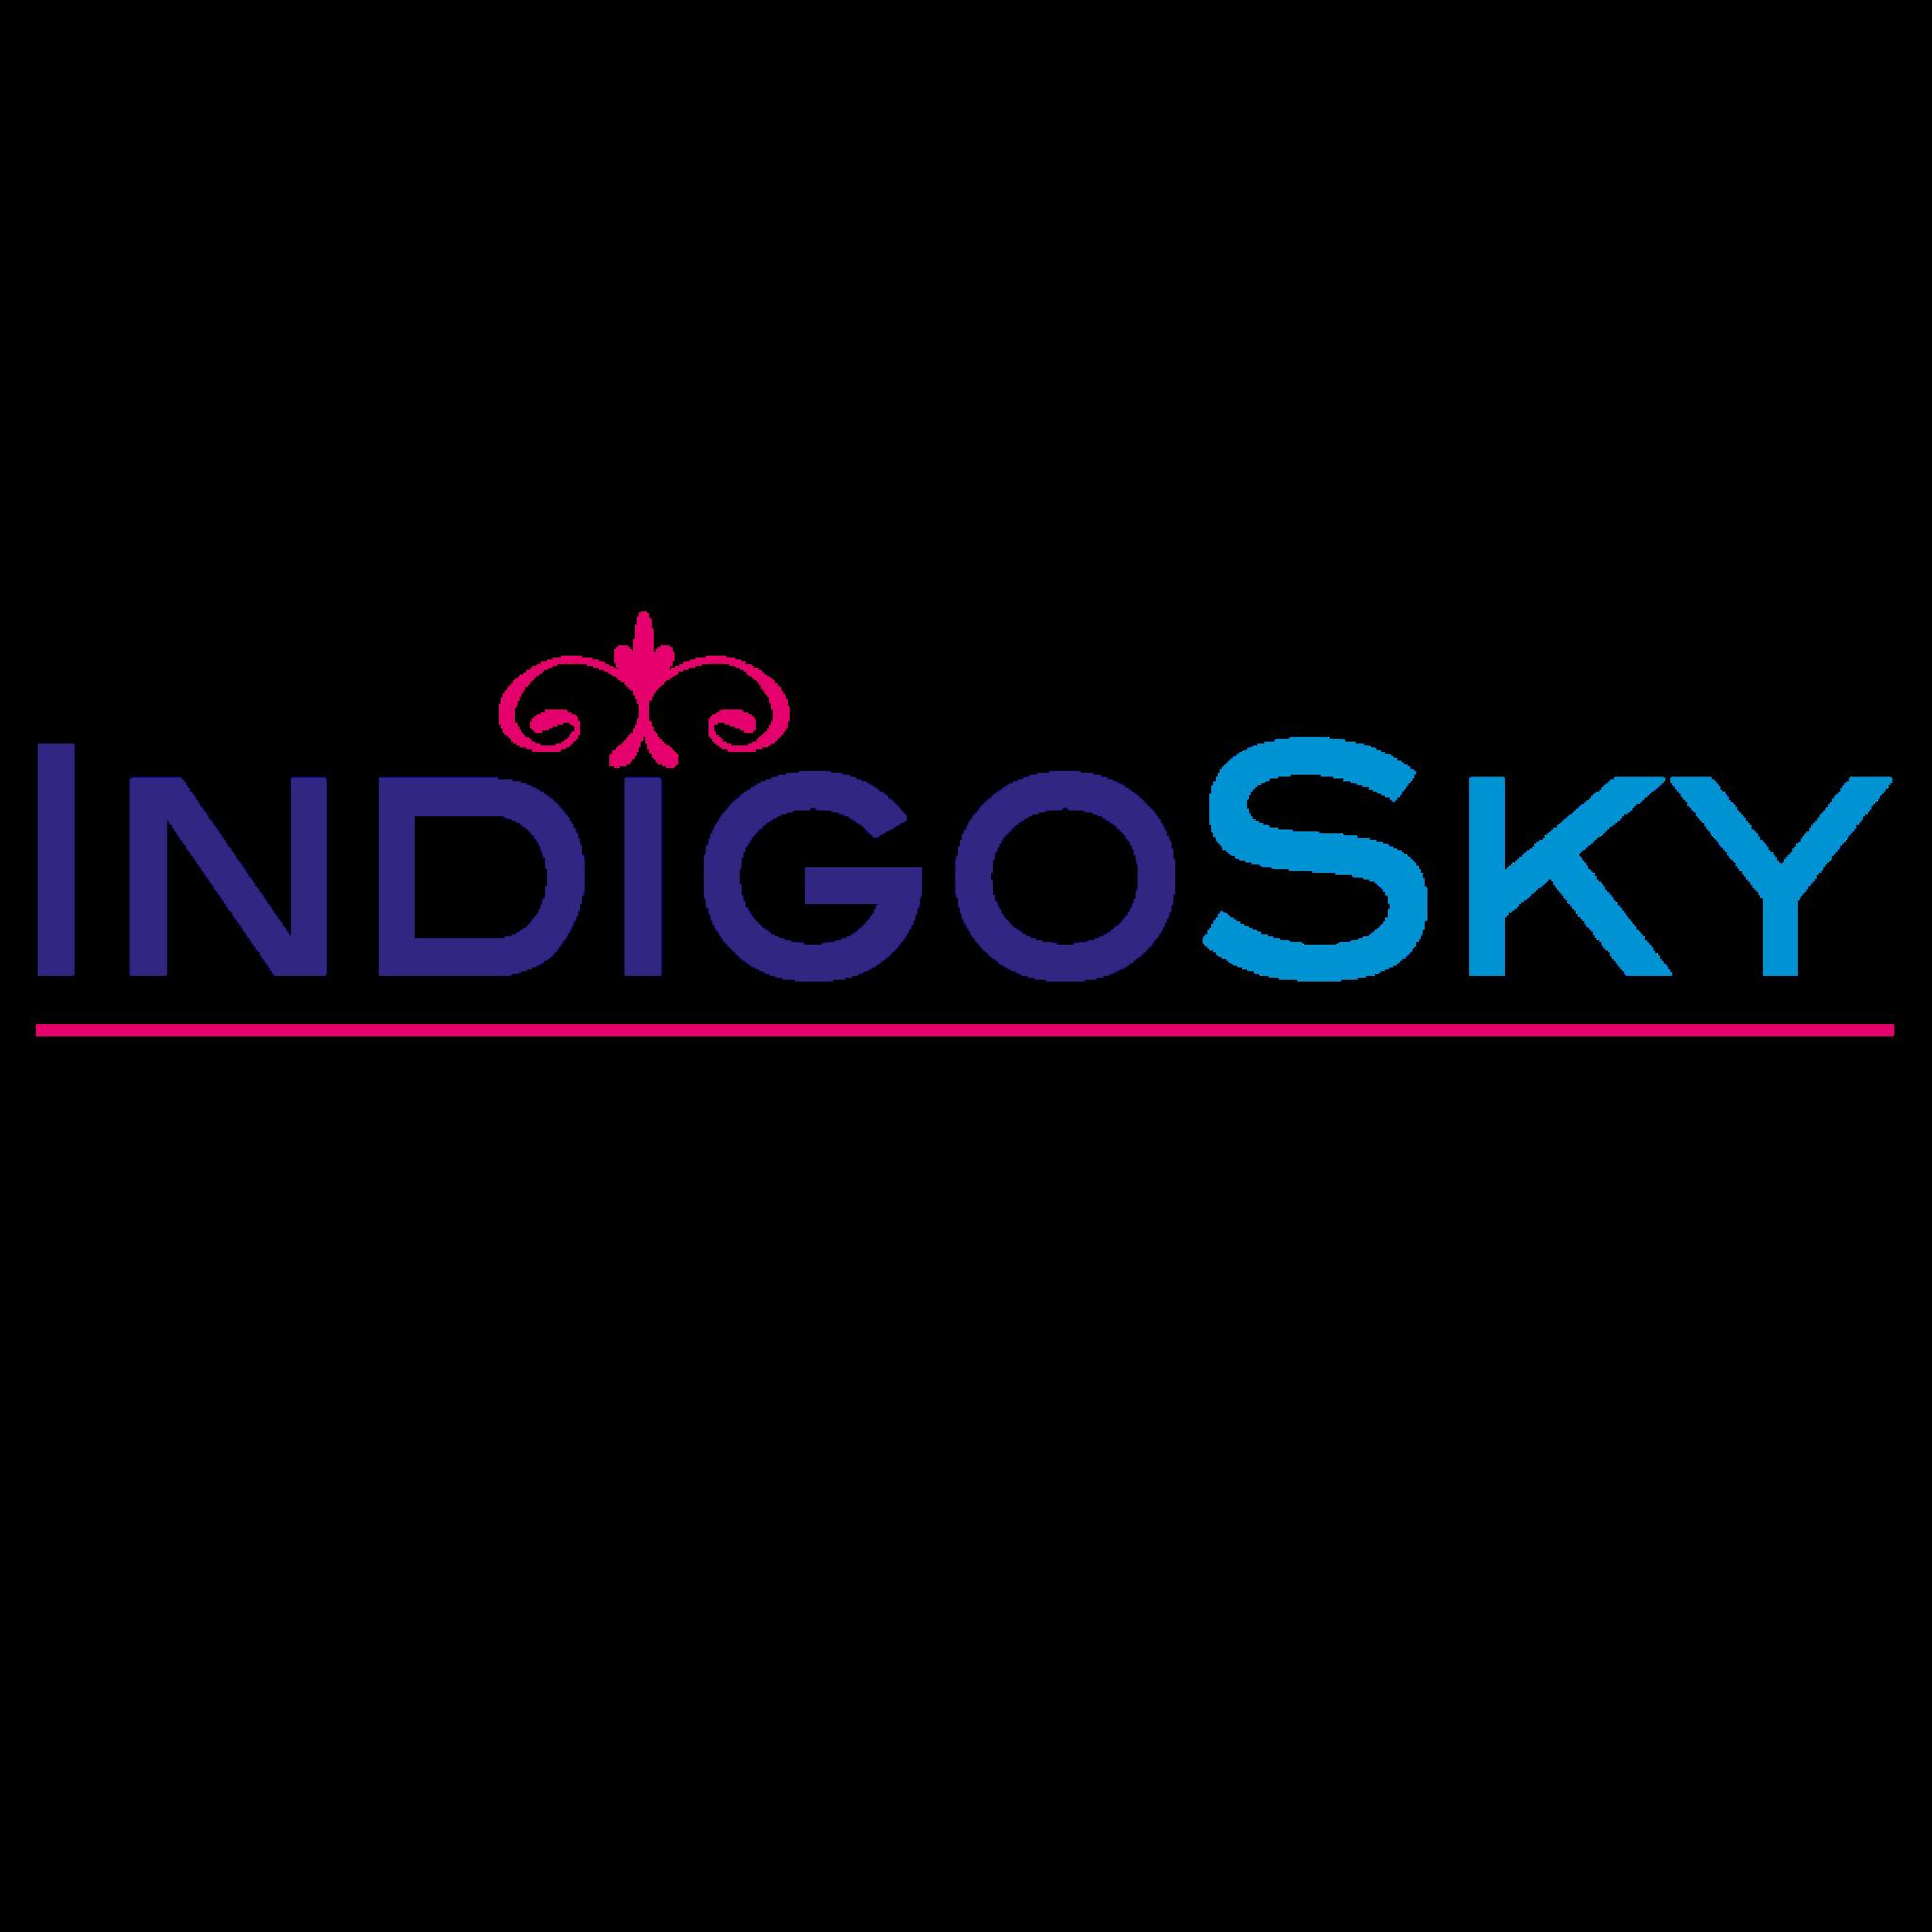 Indigo Sky Print Solutions